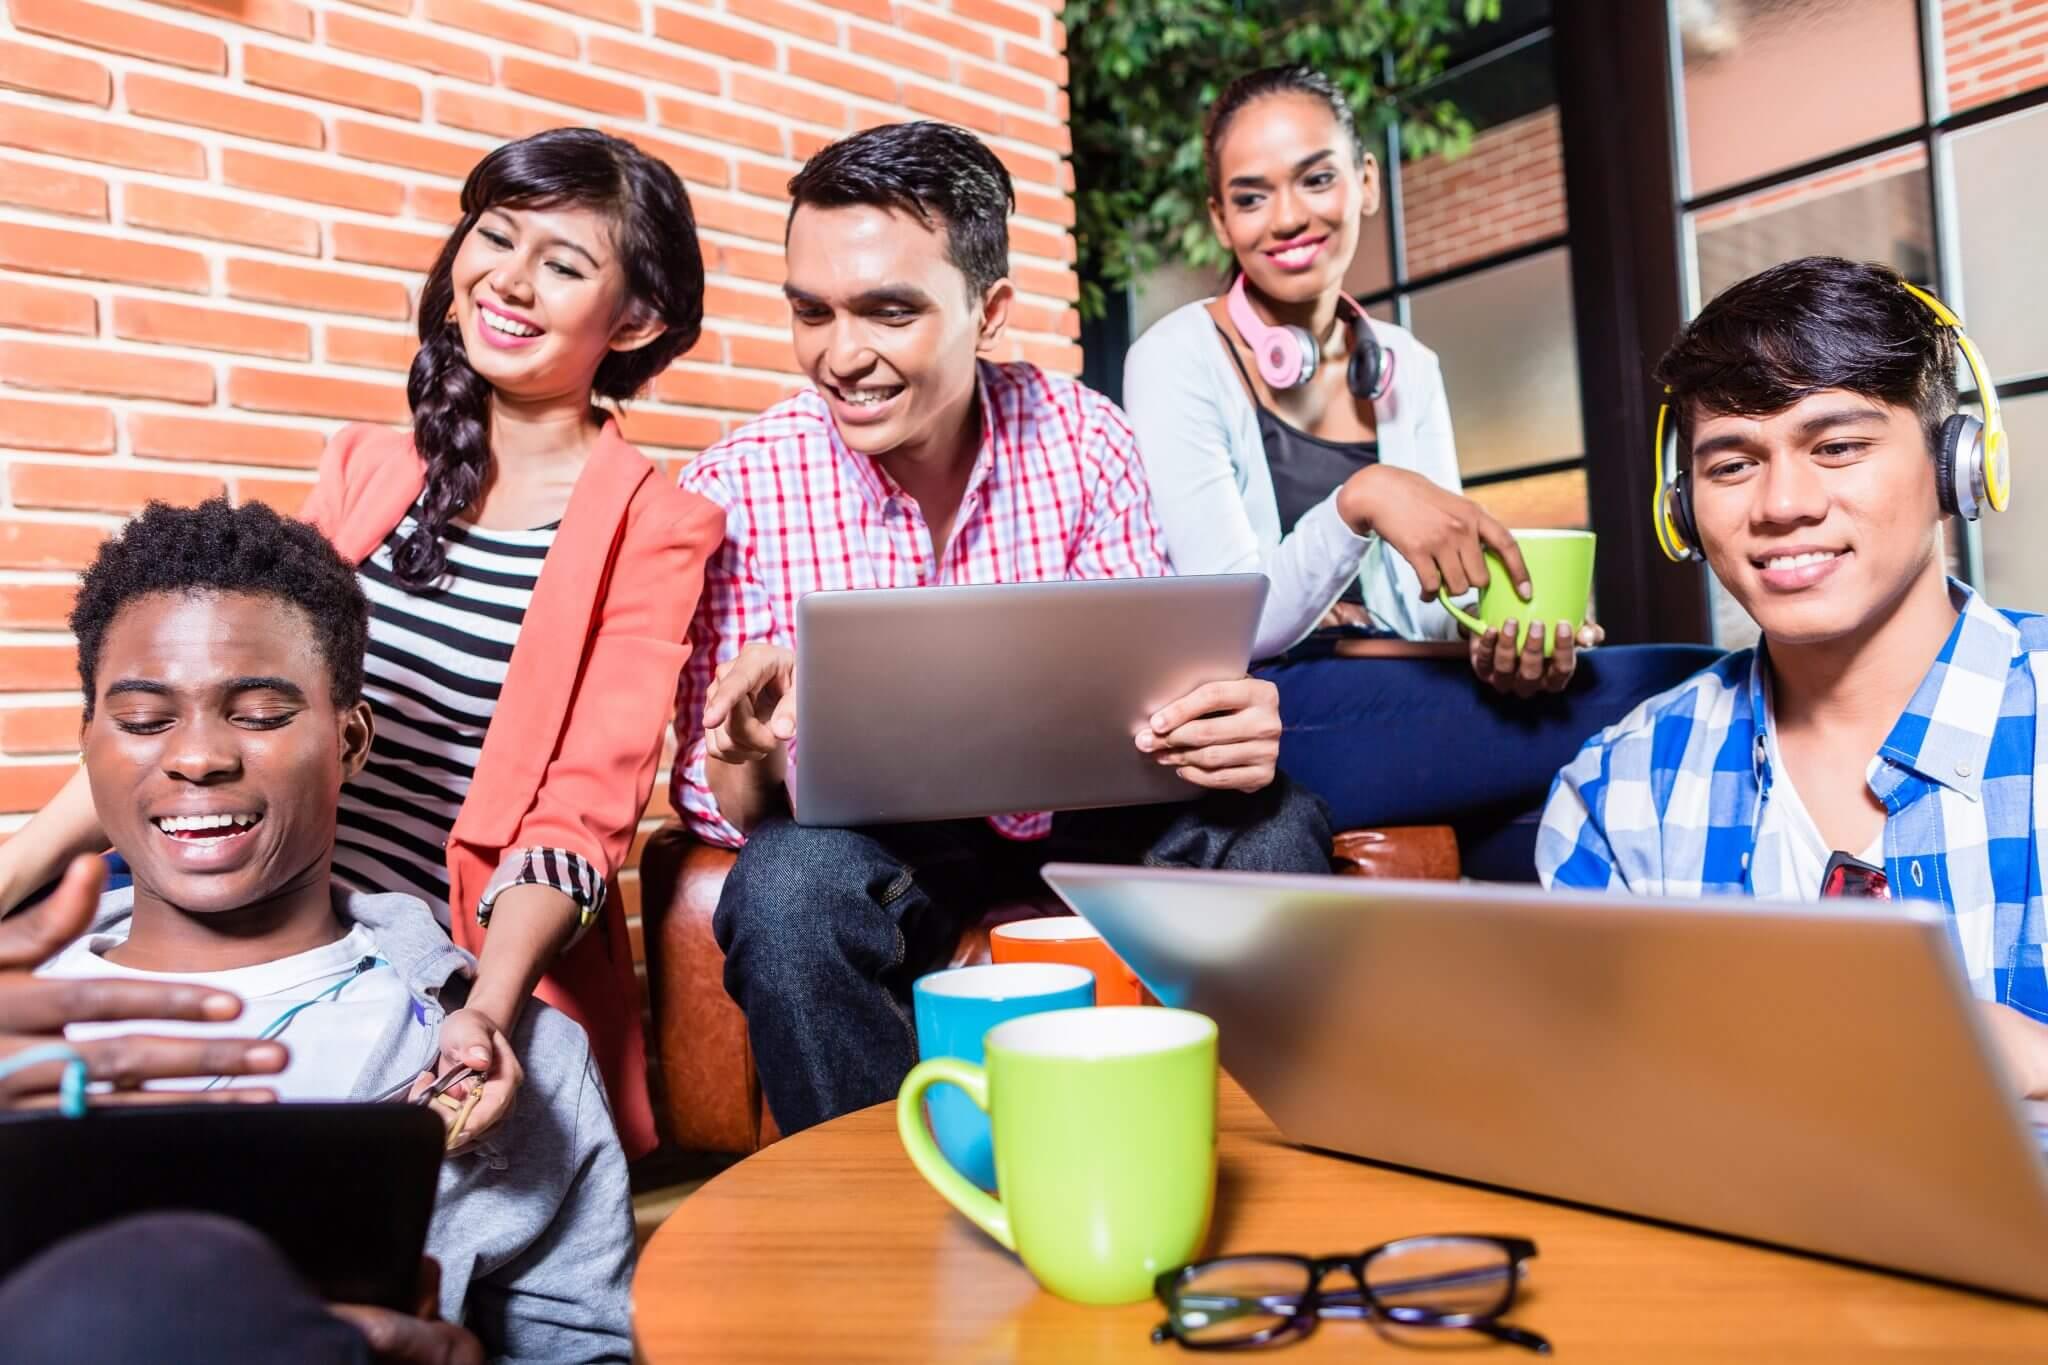 full 07f05984ce 1 Copy - Entenda como a Geração Z pode revolucionar o ambiente de trabalho